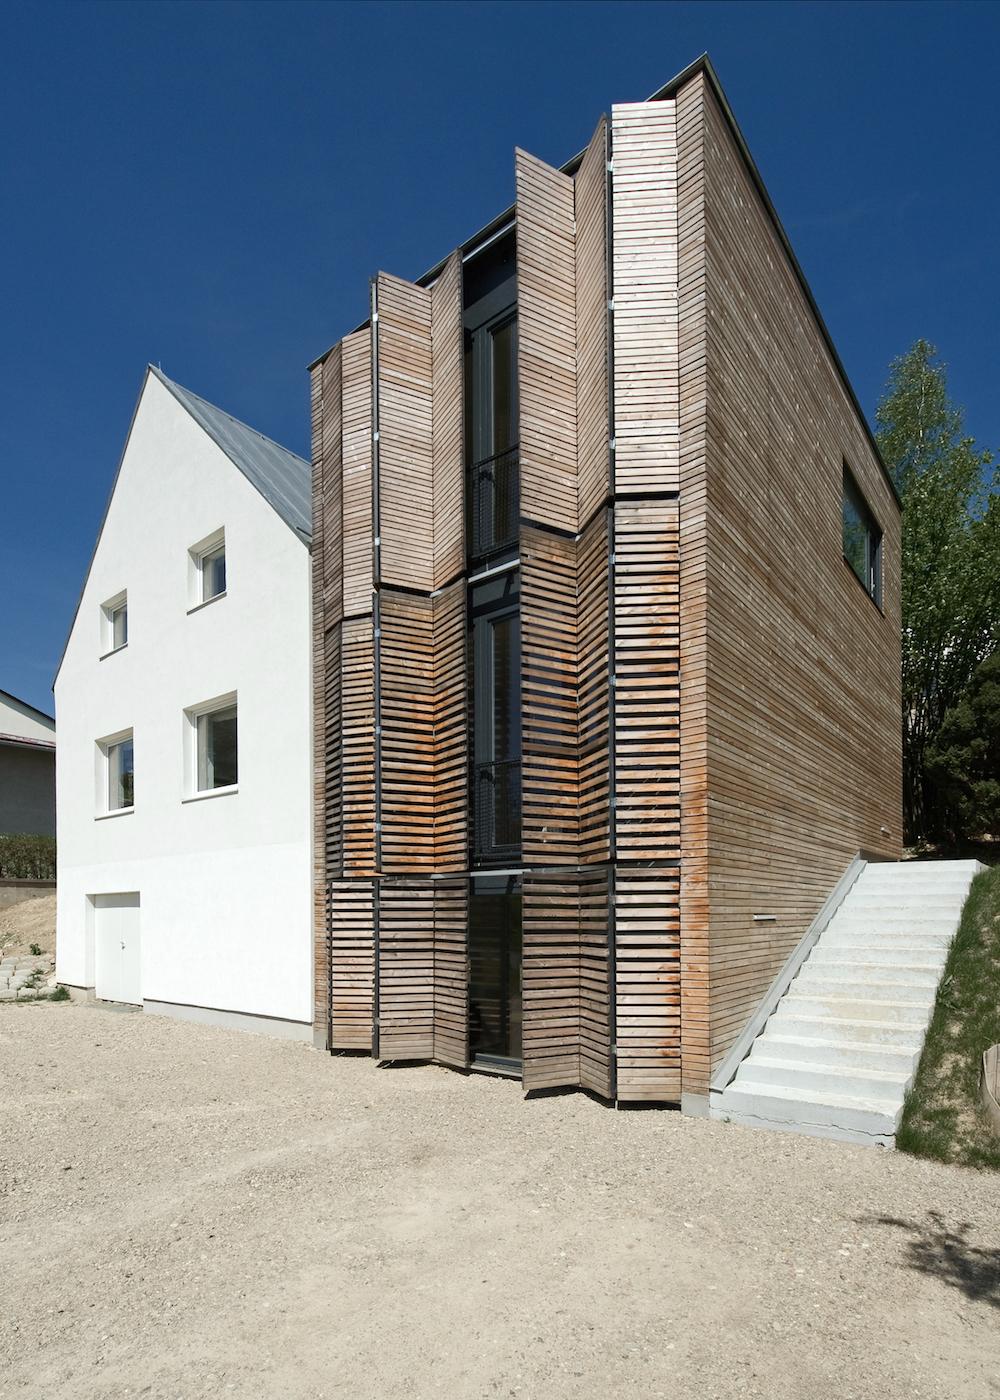 Einfamilienhaus Kierling (c) Alexander Koller / GOOS Architekten